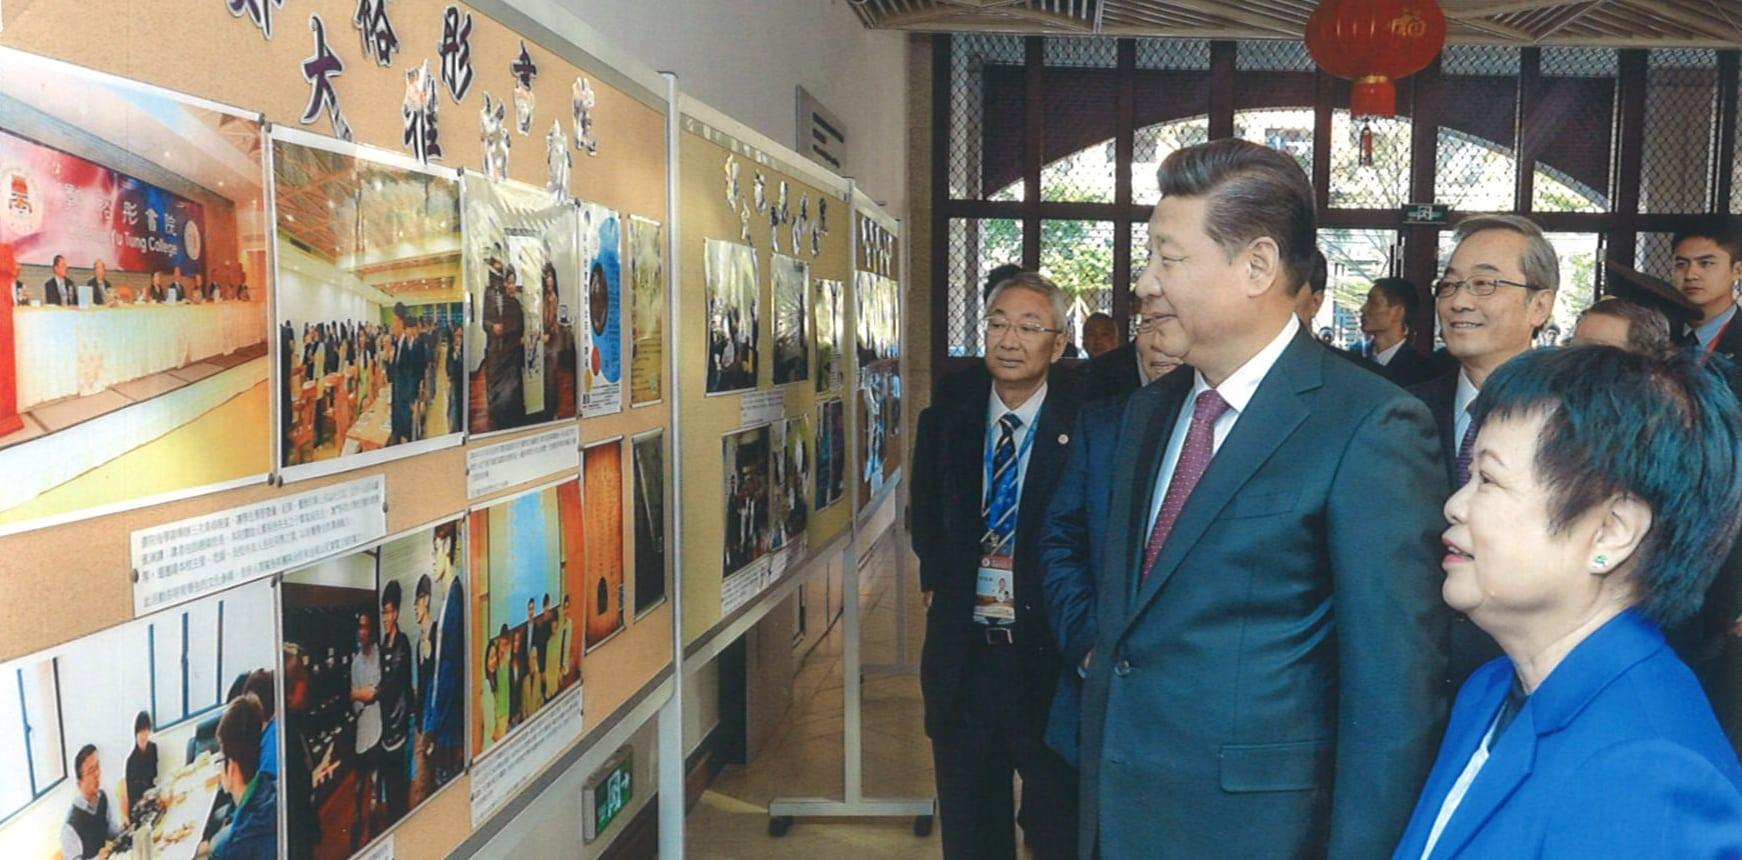 習近平訪問鄭裕彤書院 並與學生座談︰要以中華文化為榮